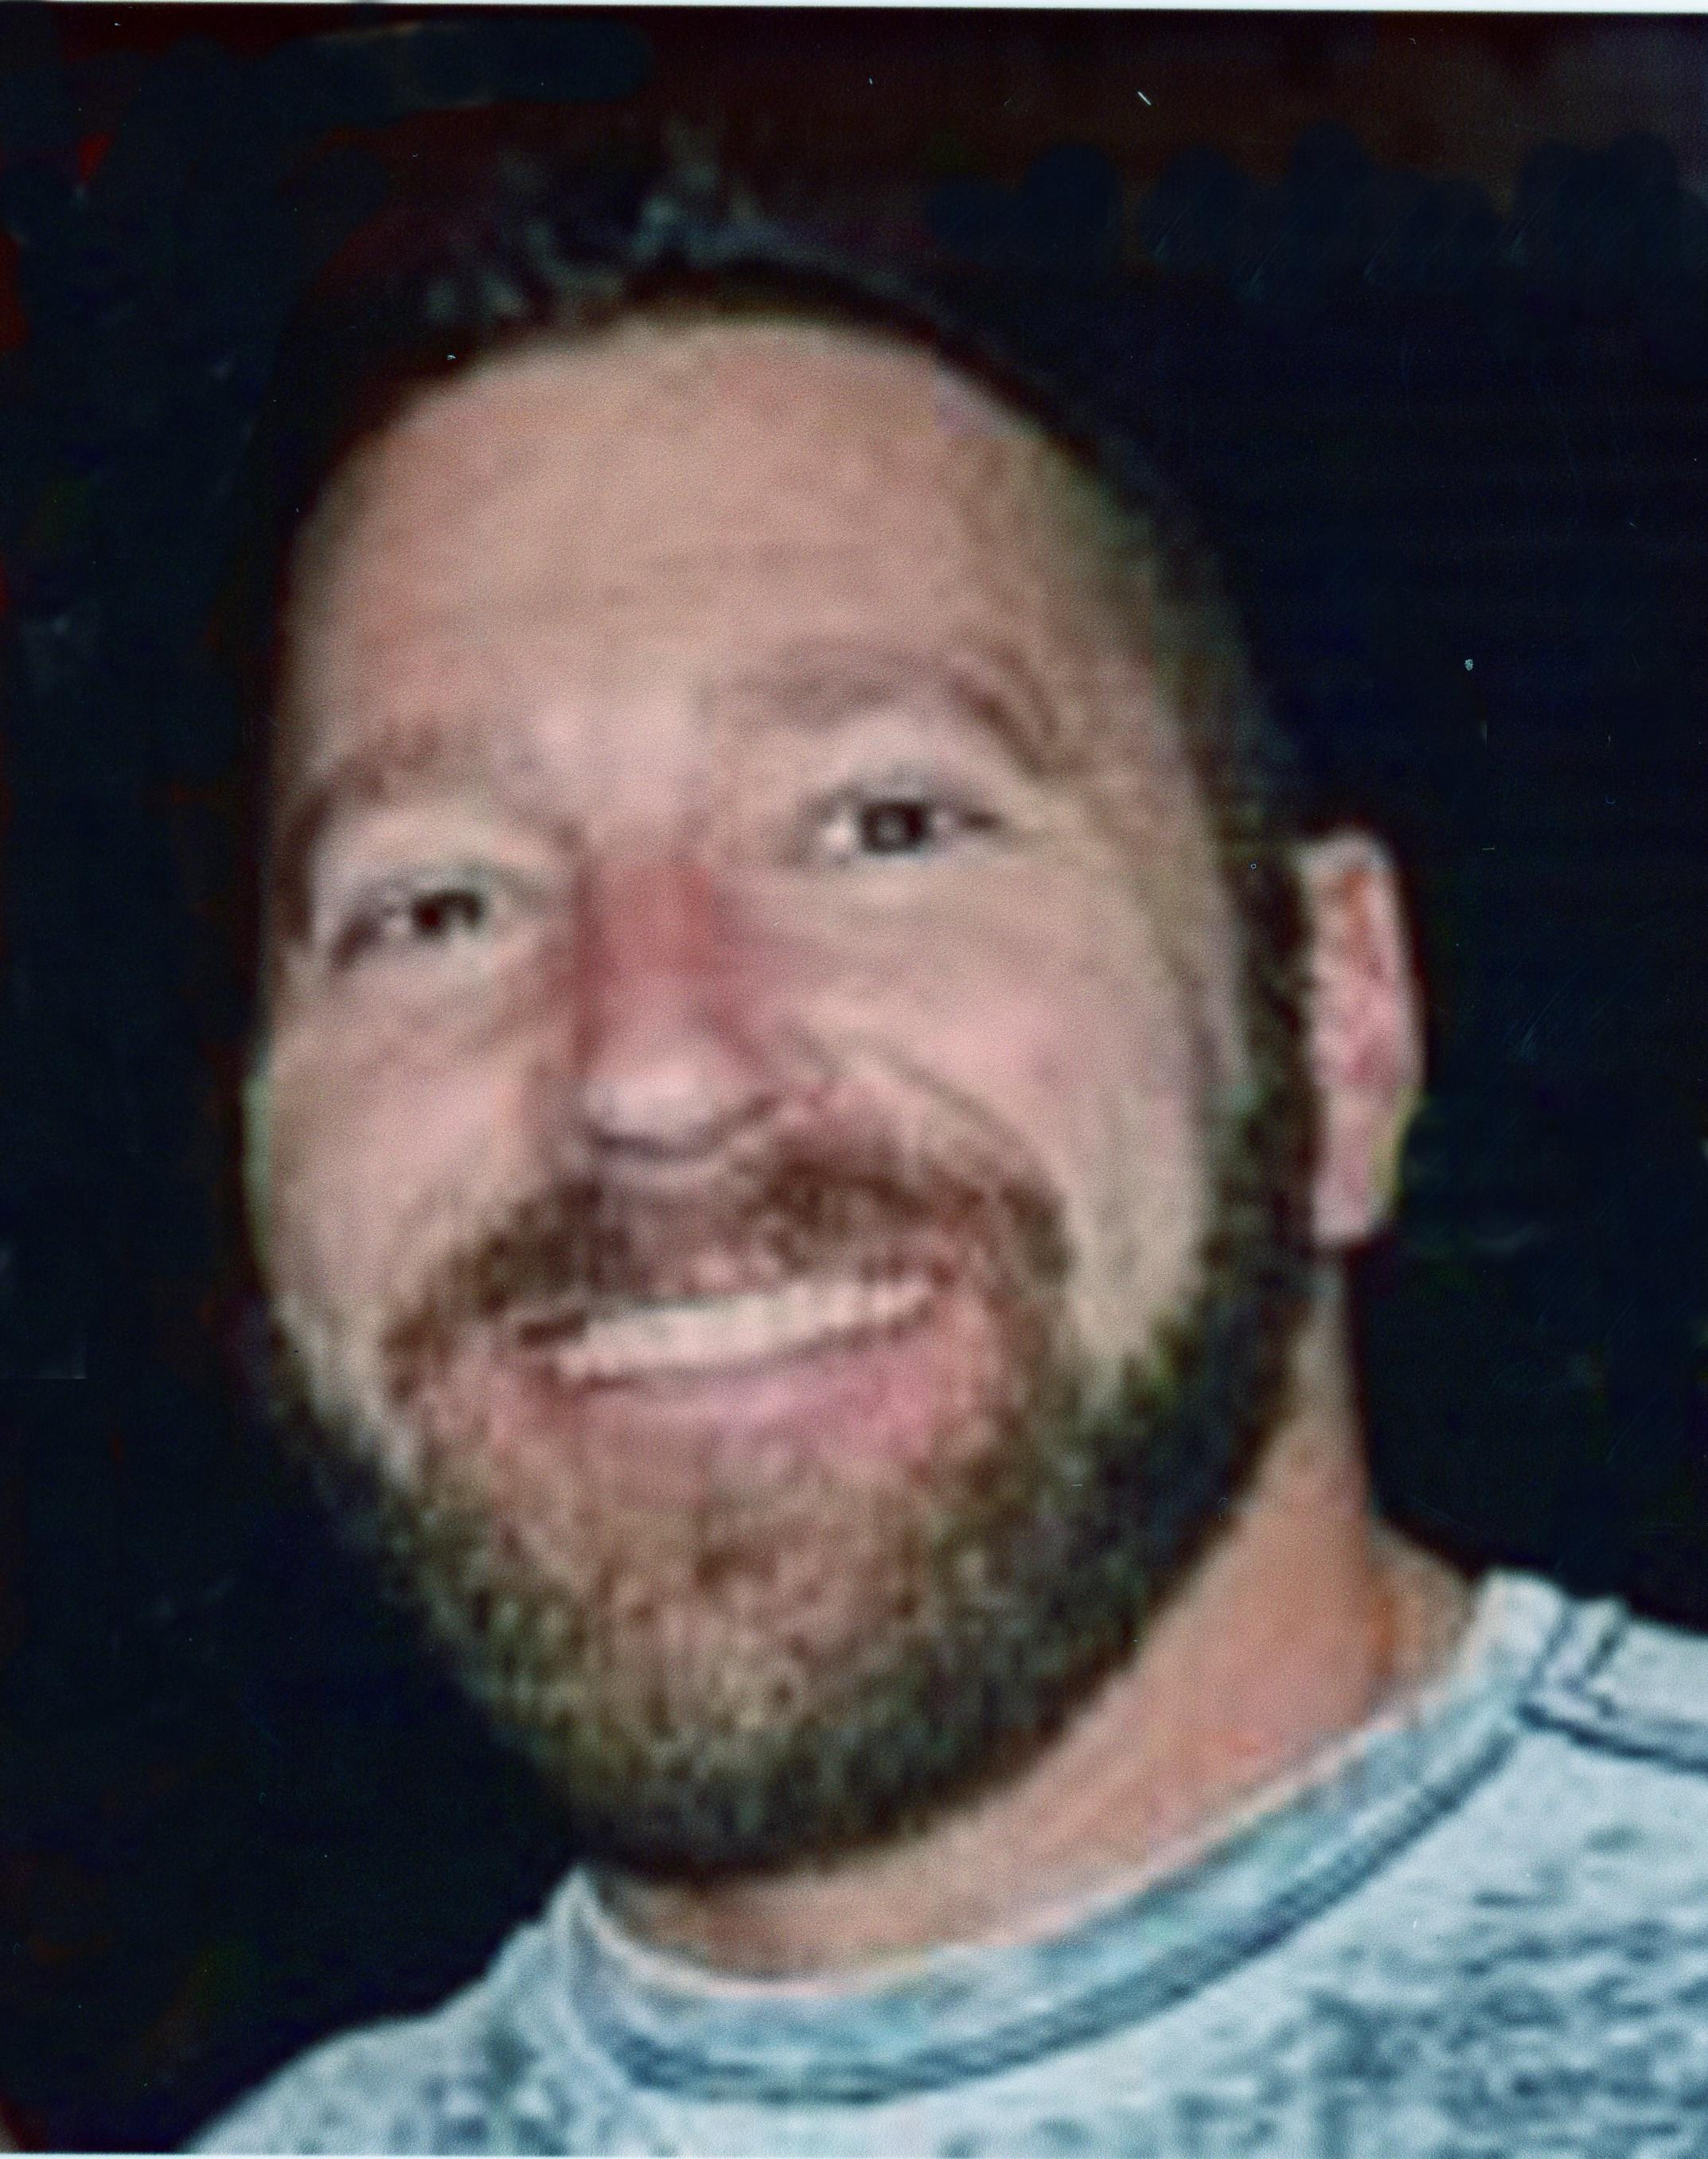 Kyle Matthew Kubousek